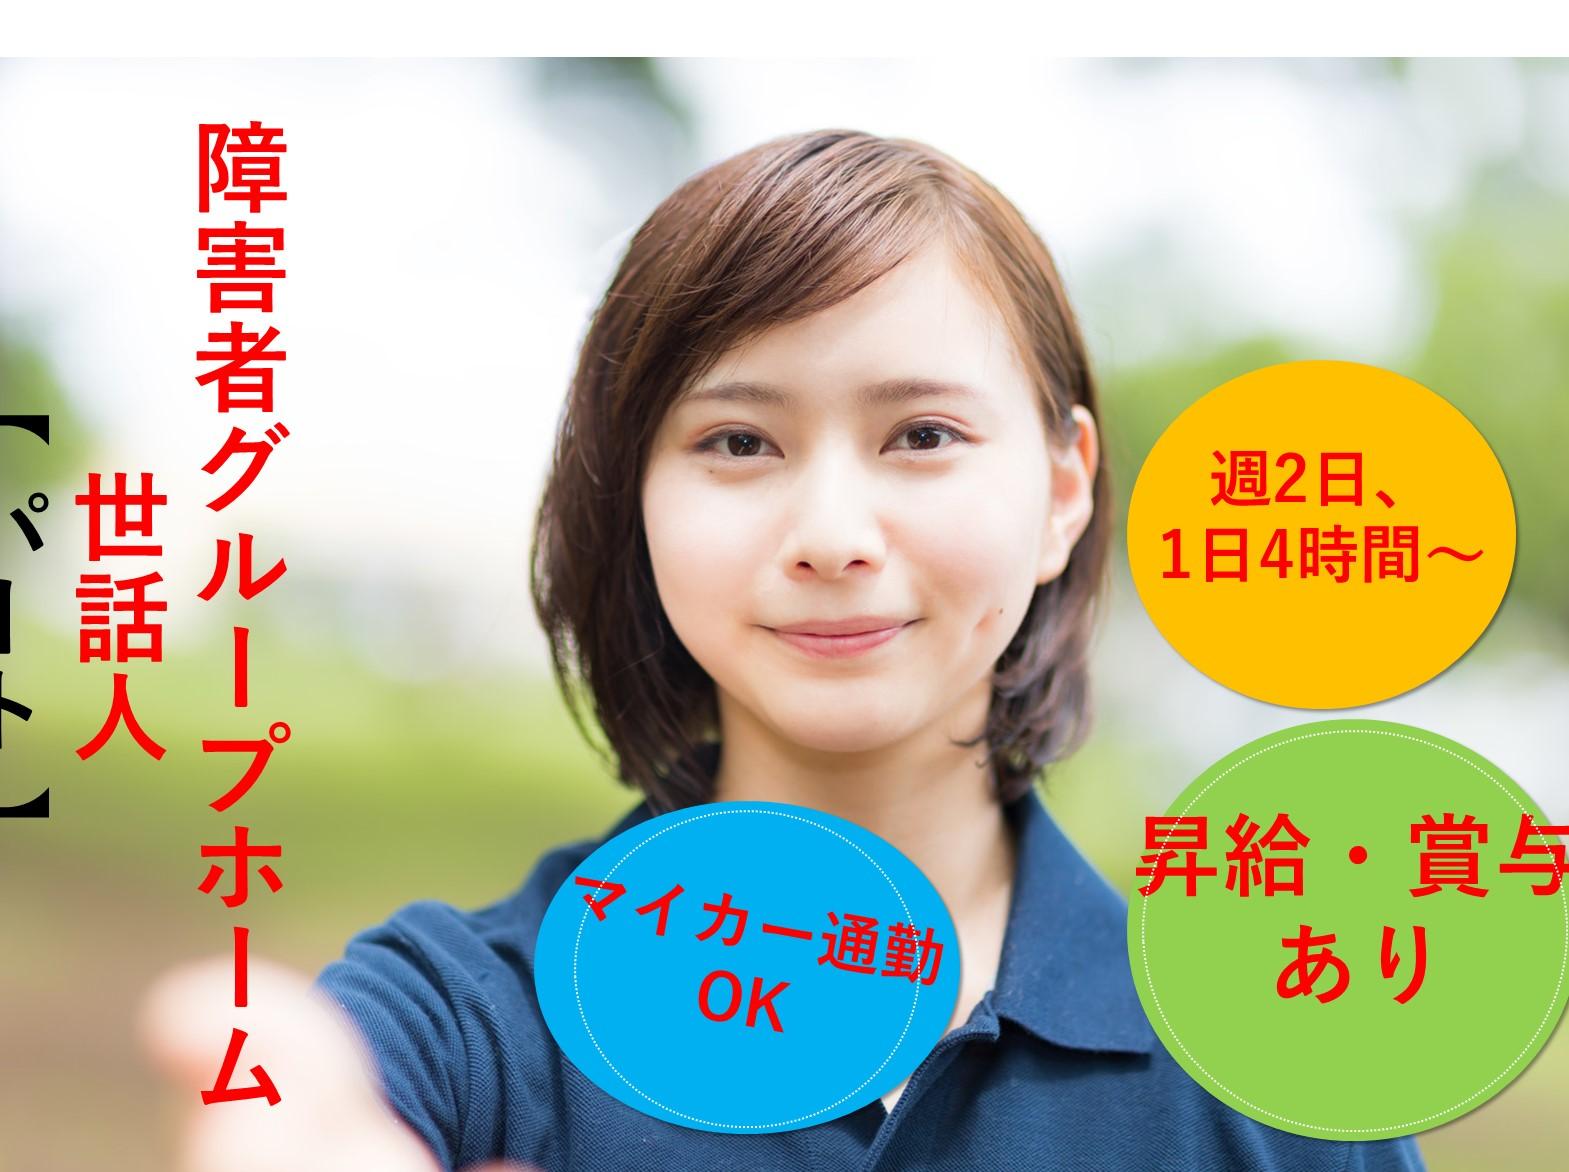 即面談可能【パート】週2日~OK♪昇給・賞与◎障害者グル-プホ-ムでの世話人 イメージ